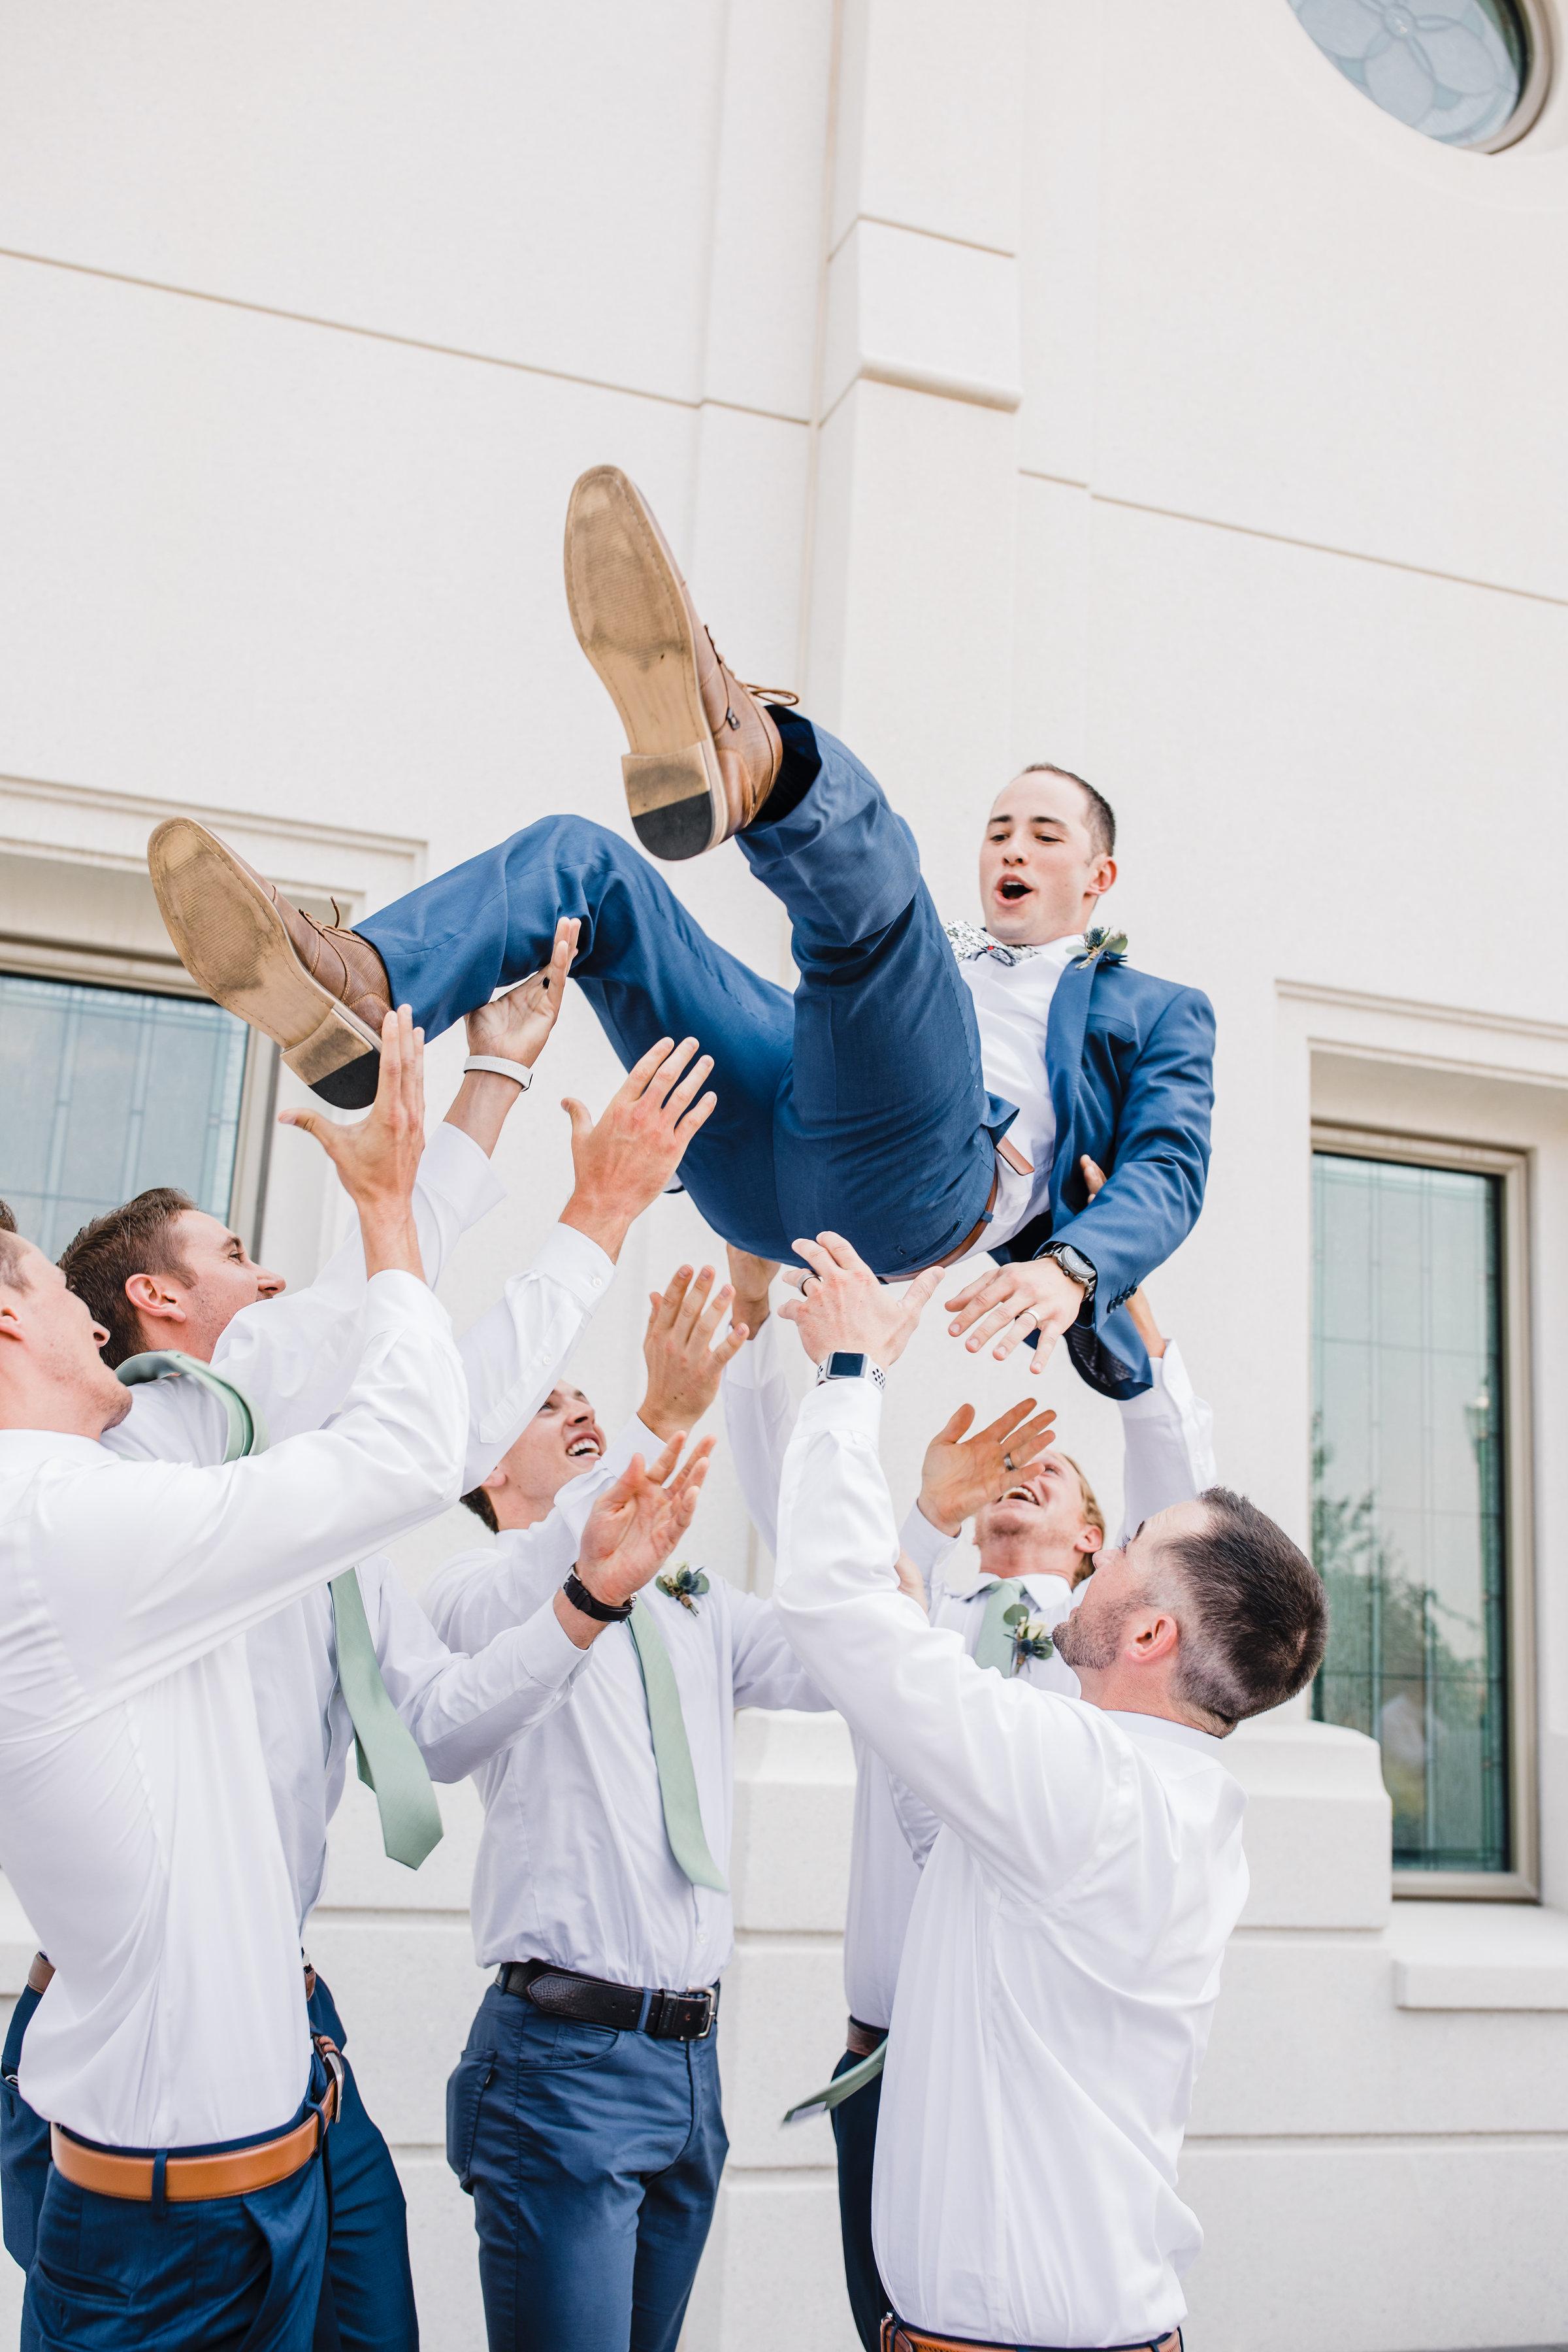 best photographer in brigham city utah groomsmen throwing groom happy cheering navy suit